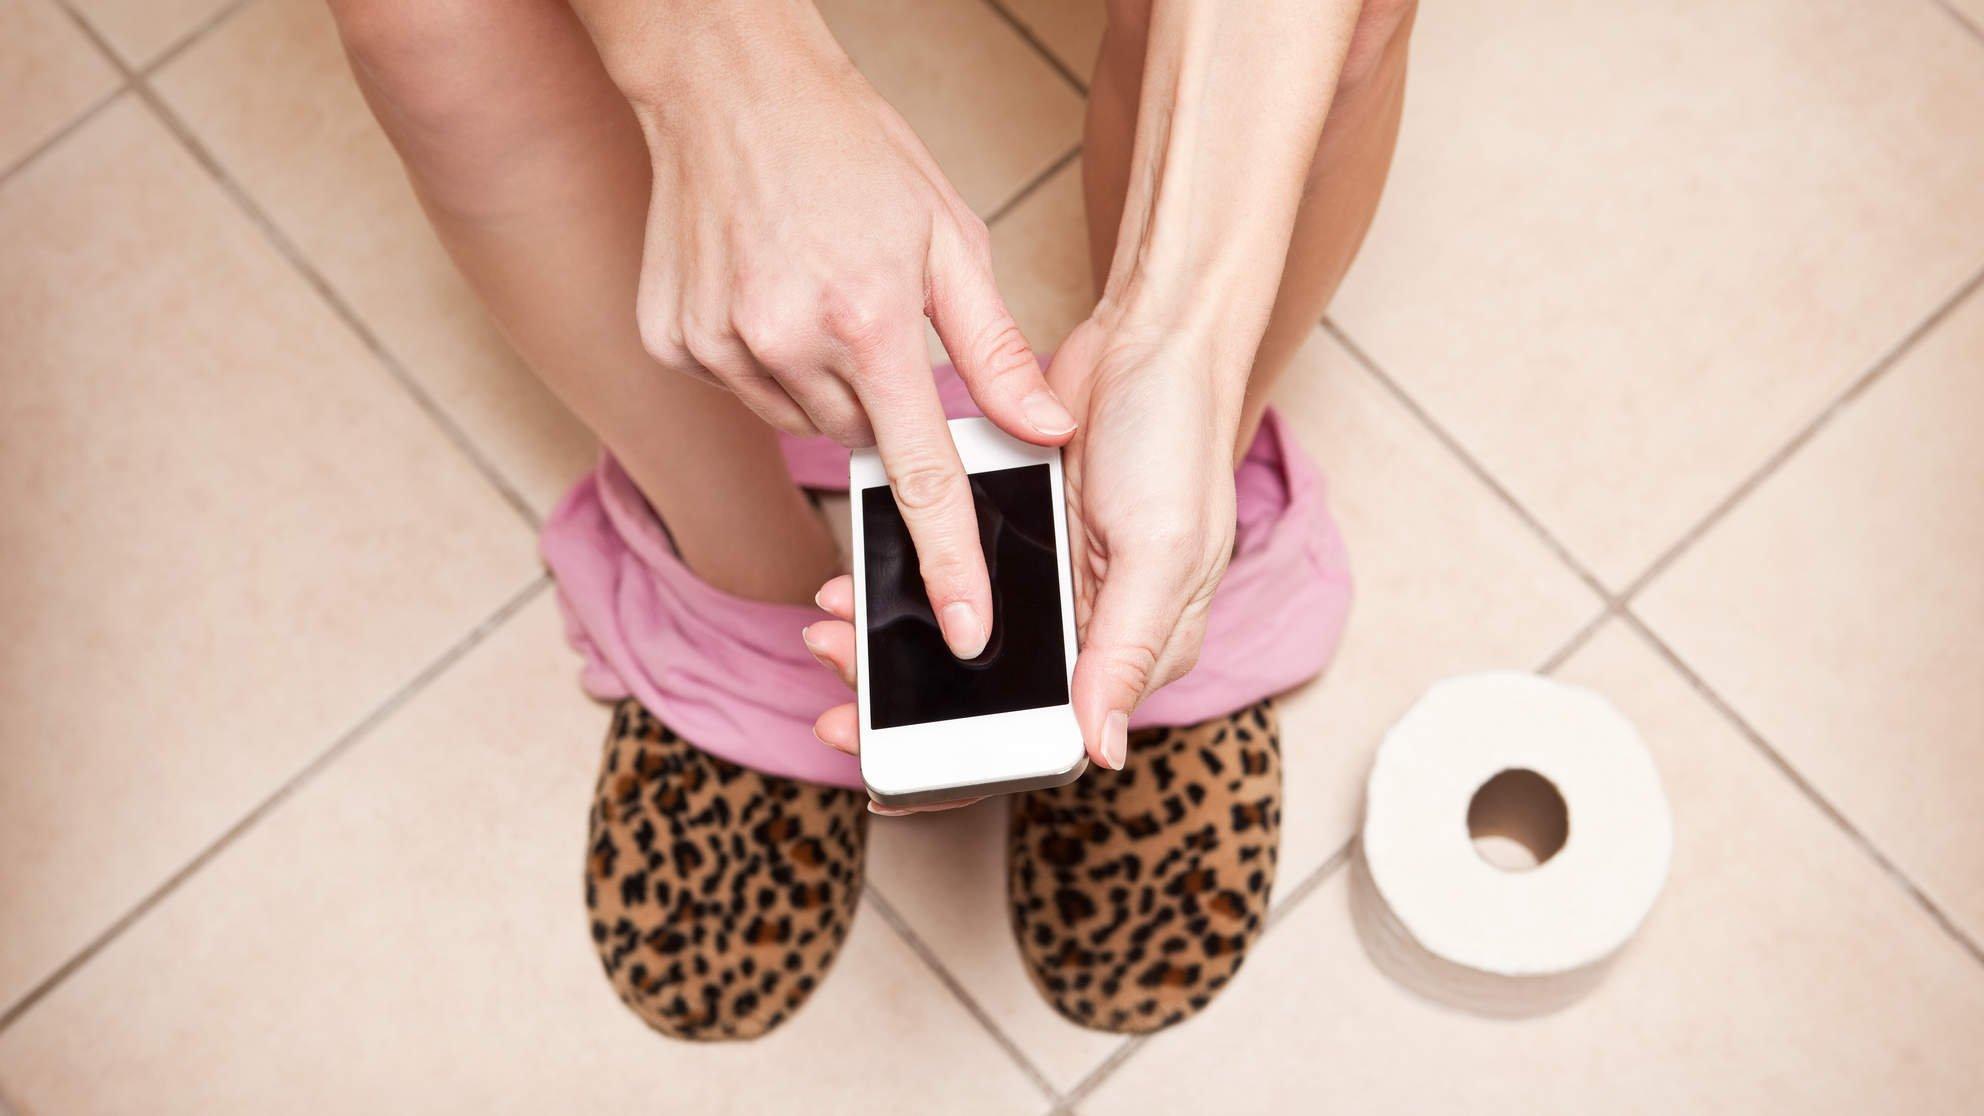 phone in bathroom.jpg?resize=1200,630 - Atenção: Quem fica muito tempo sentado no vaso sanitário enquanto mexe no celular pode acabar com hemorroidas